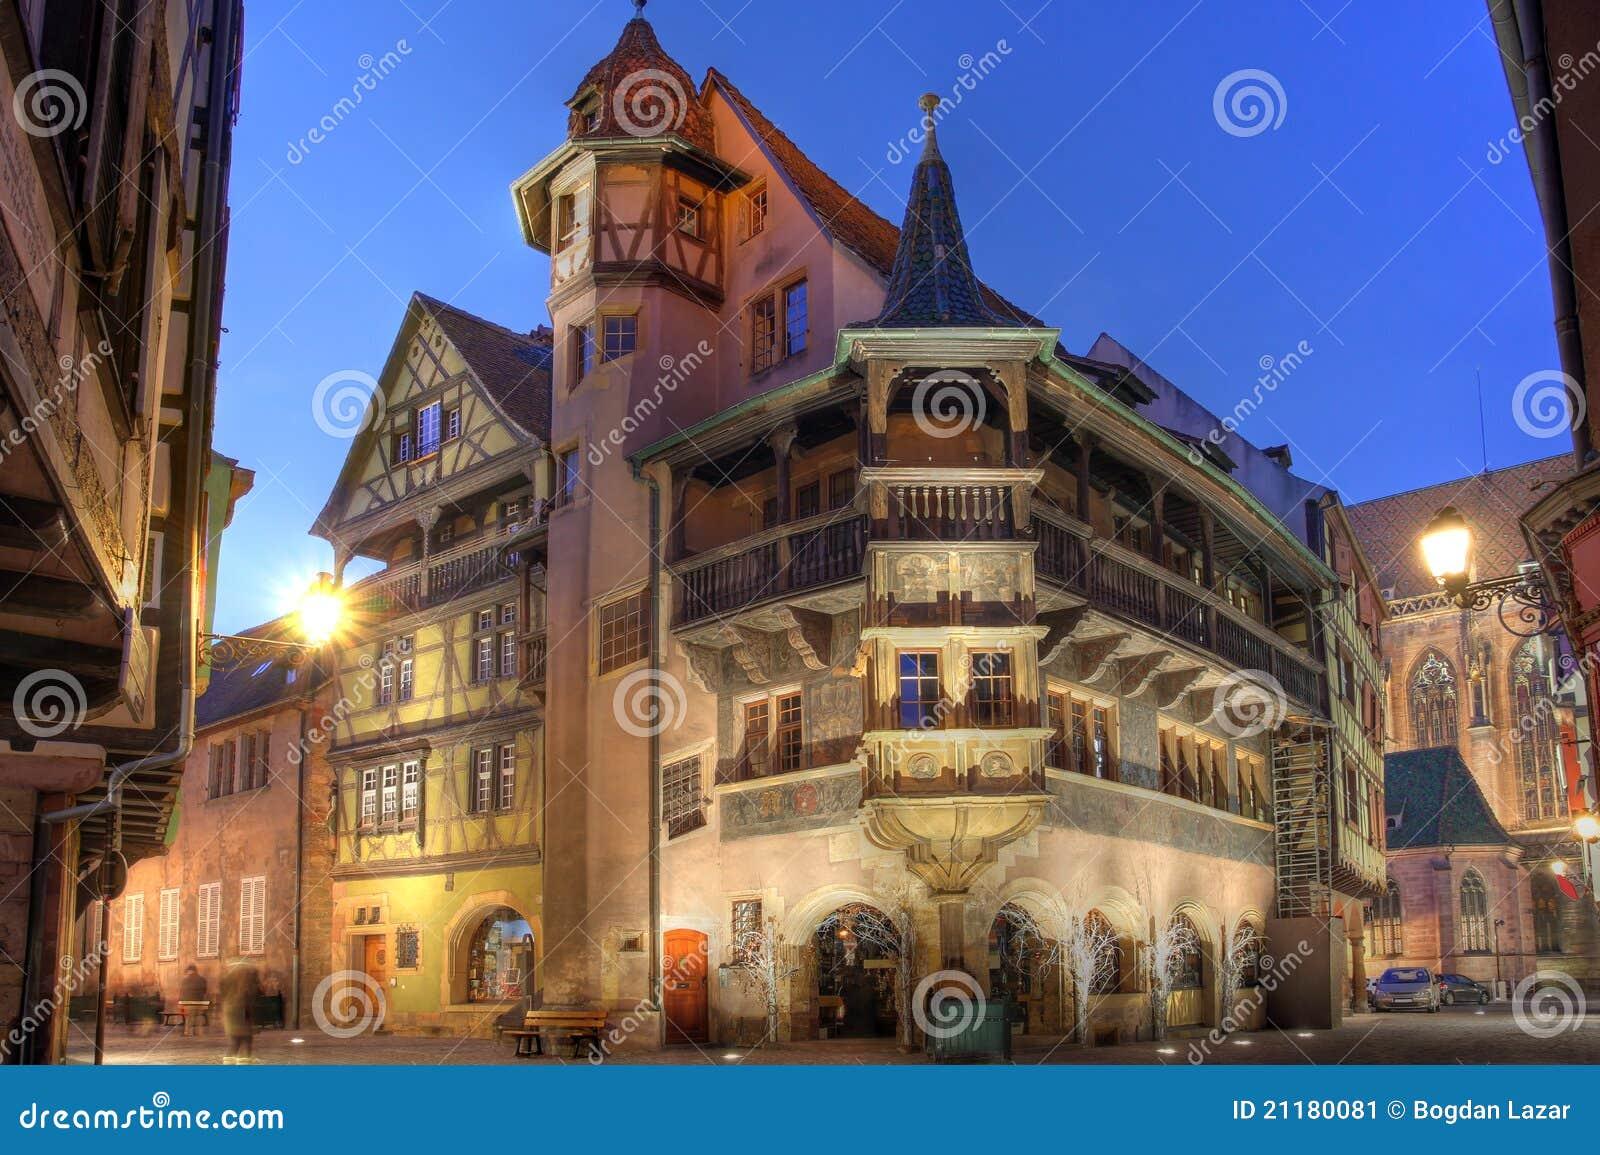 Pfister House, Colmar, France